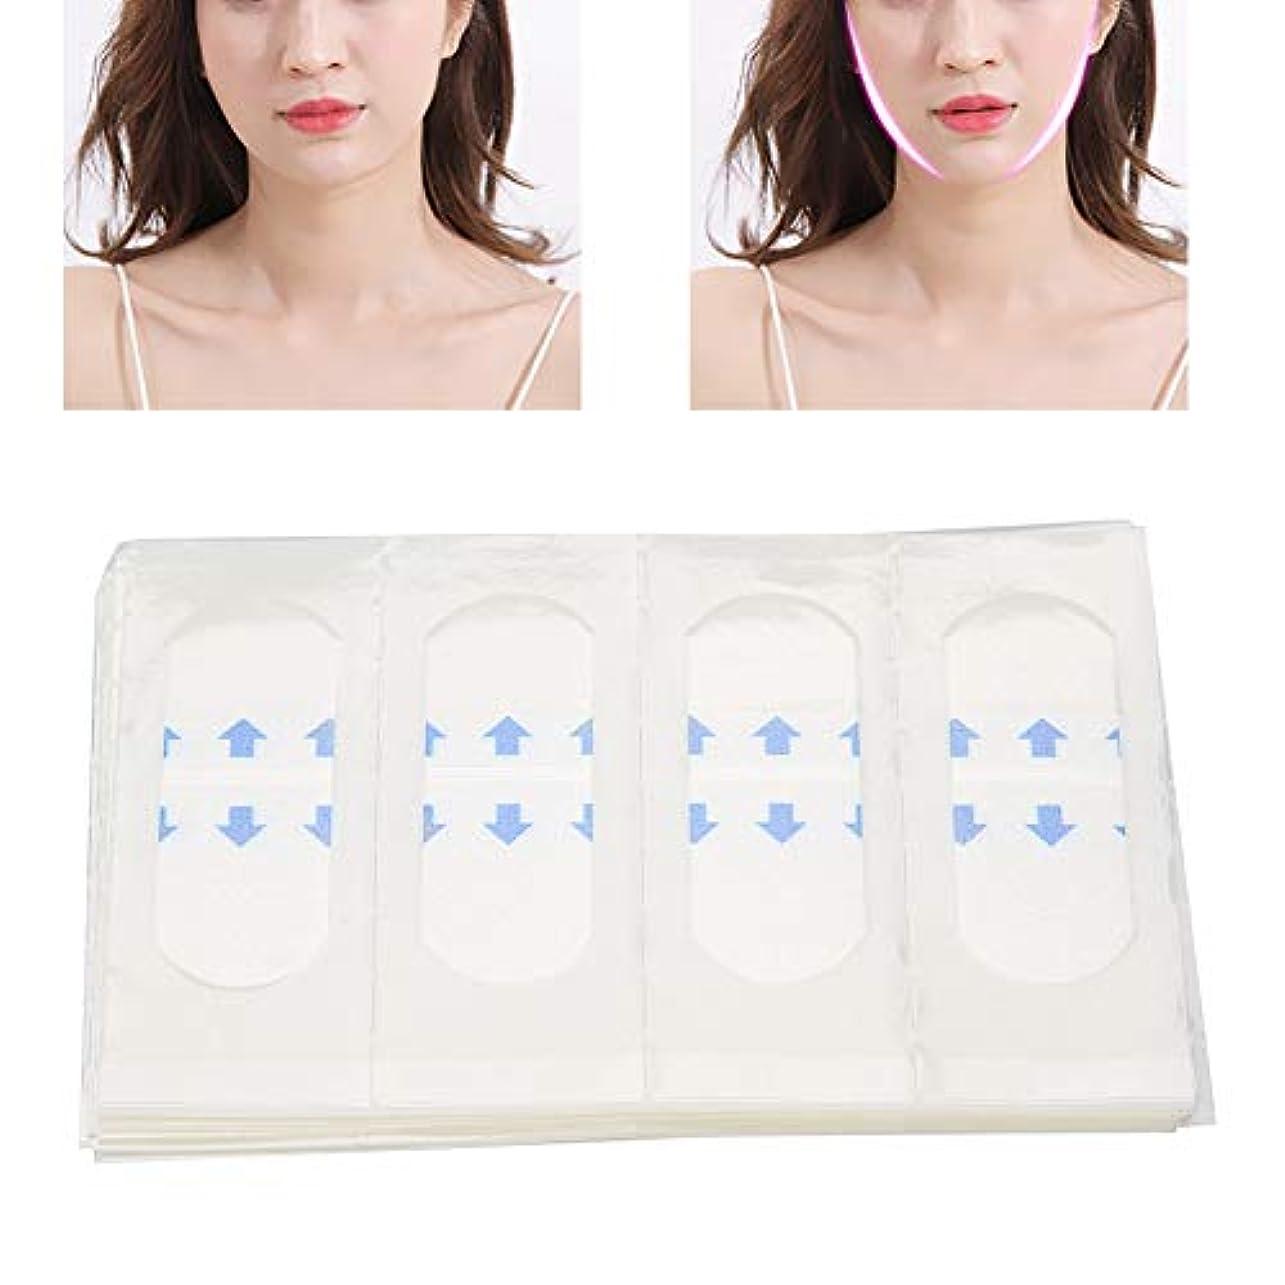 楽しい慣れるミュウミュウ40枚 顔のステッカー Vライン フェイス美容ツール 薄型テープ